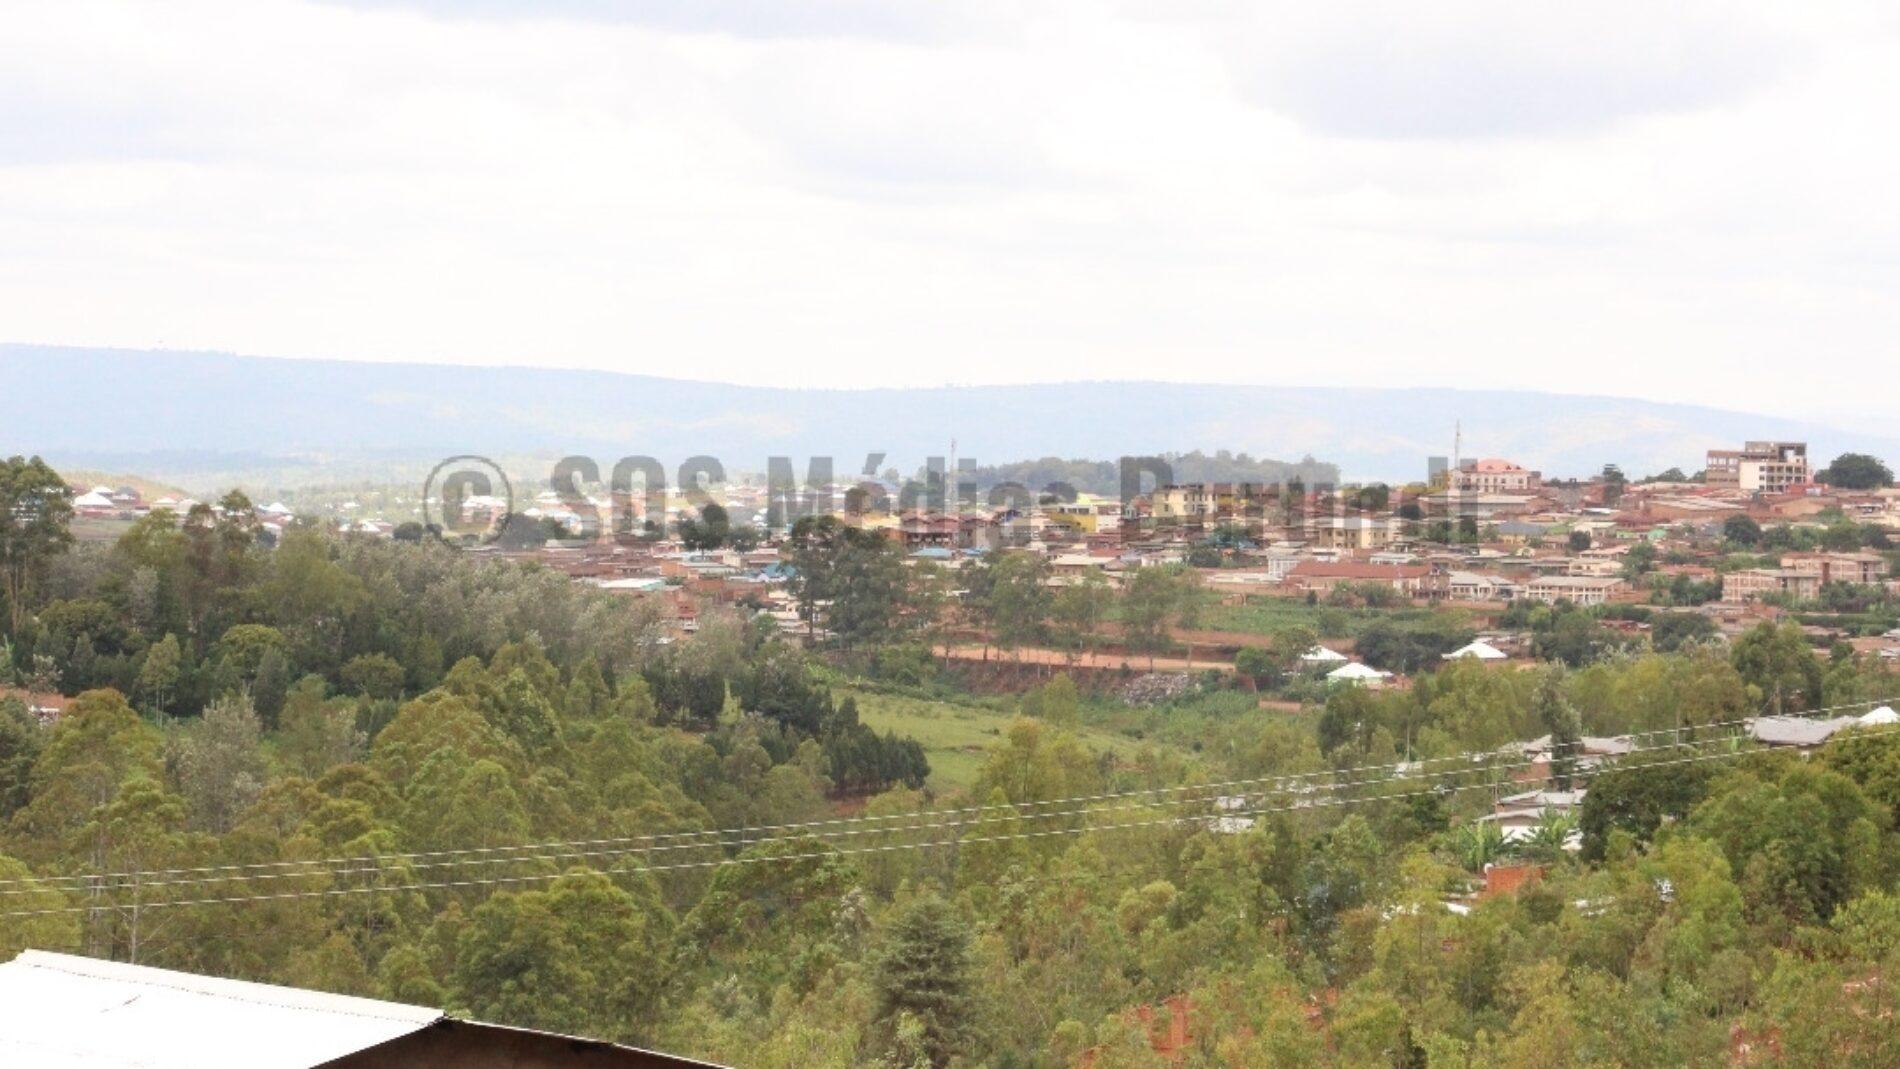 Shatanya (Gitega, centre du pays) : un rwandais soupçonné d'espionnage arrêté